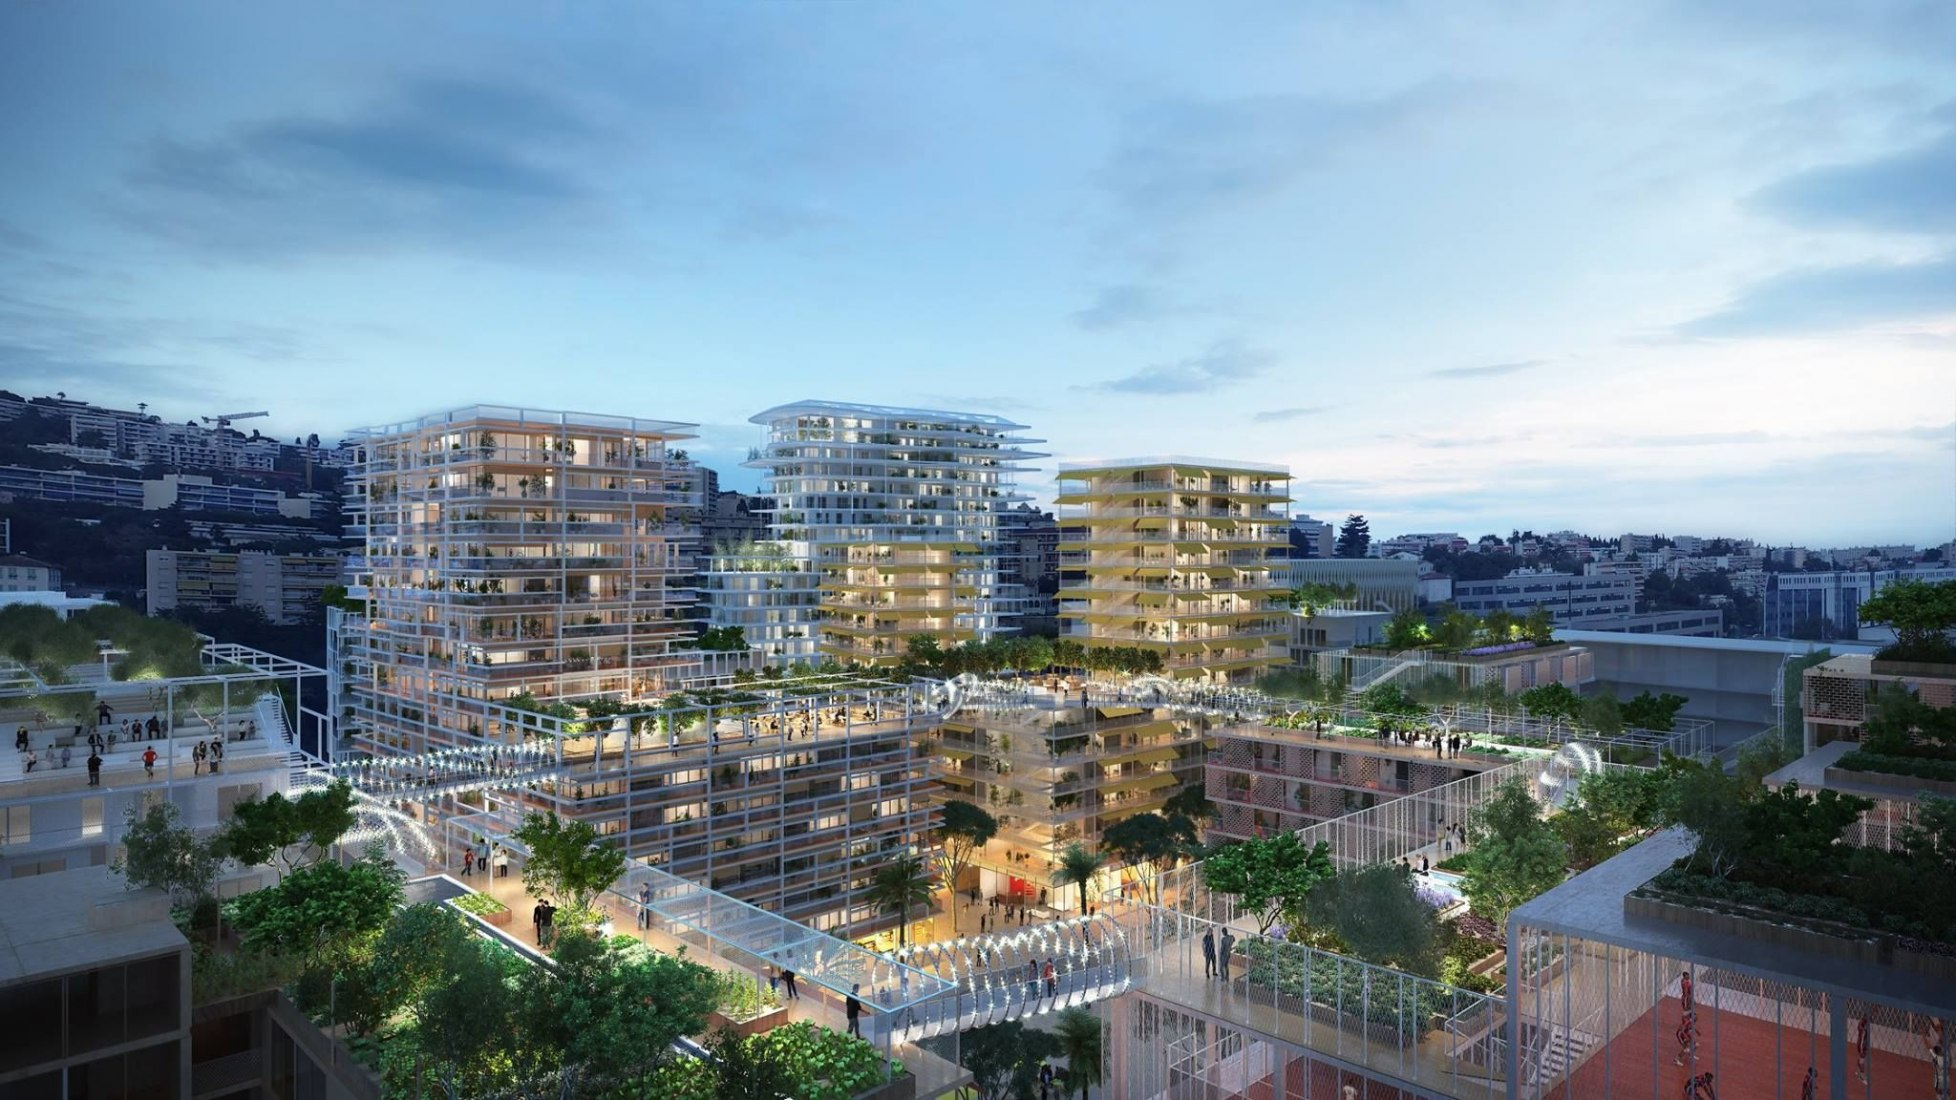 Vista nocturna mirando hacia la propuesta de Lambert Lénack Architects